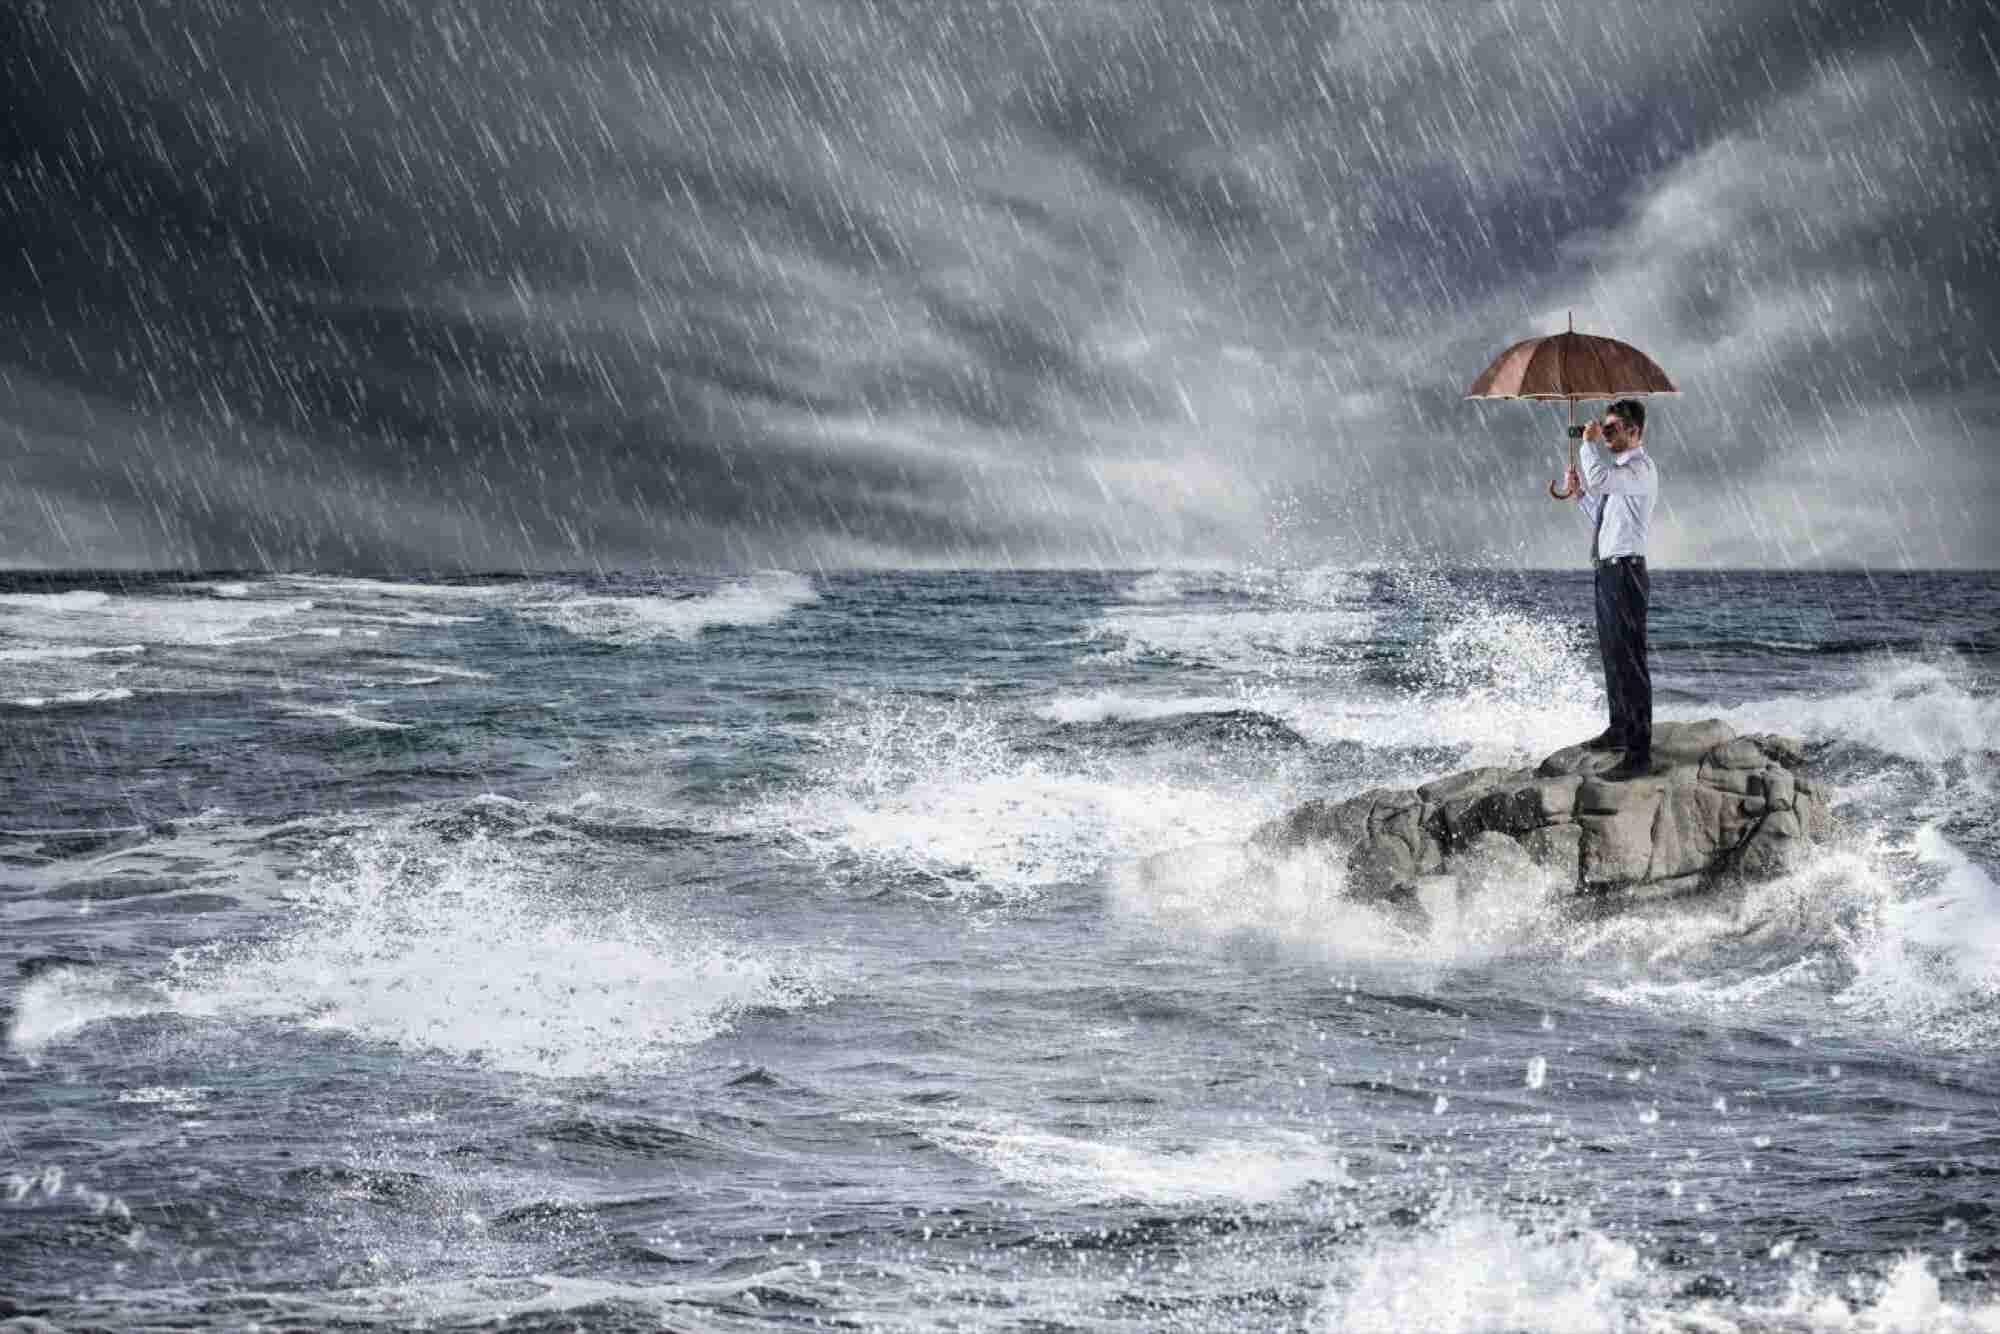 ¿Qué tan preparado estás para hacer frente a una crisis?